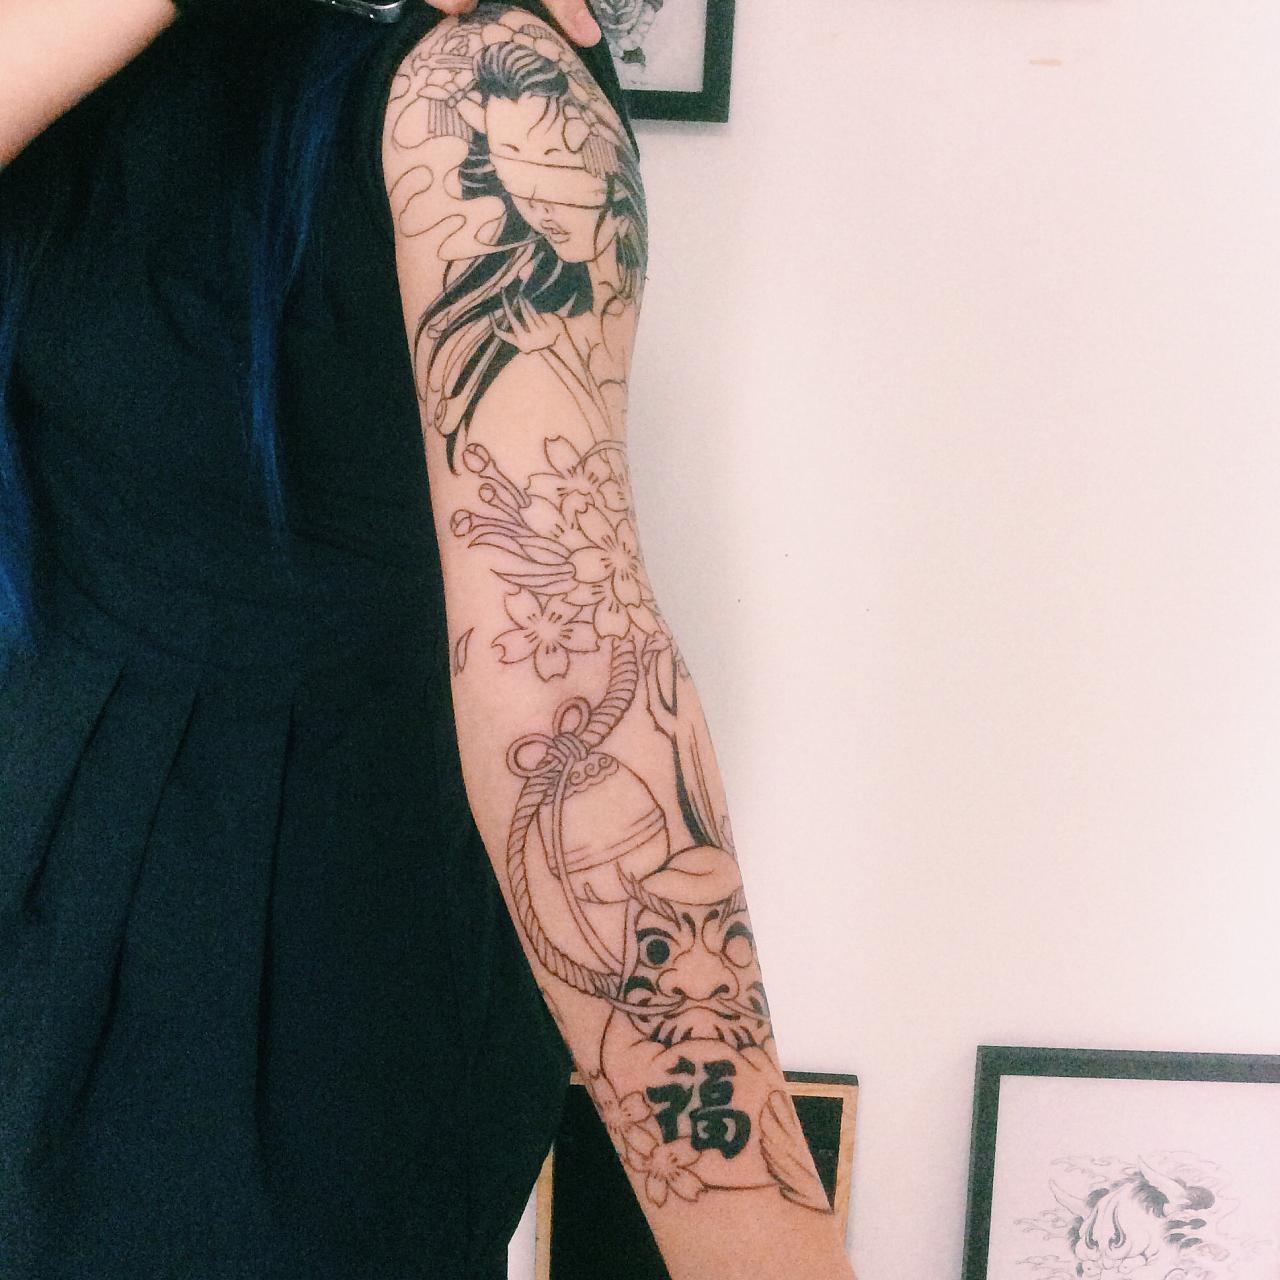 老徐的纹身作品-有艺妓的日式花臂|插画|涂鸦/潮流